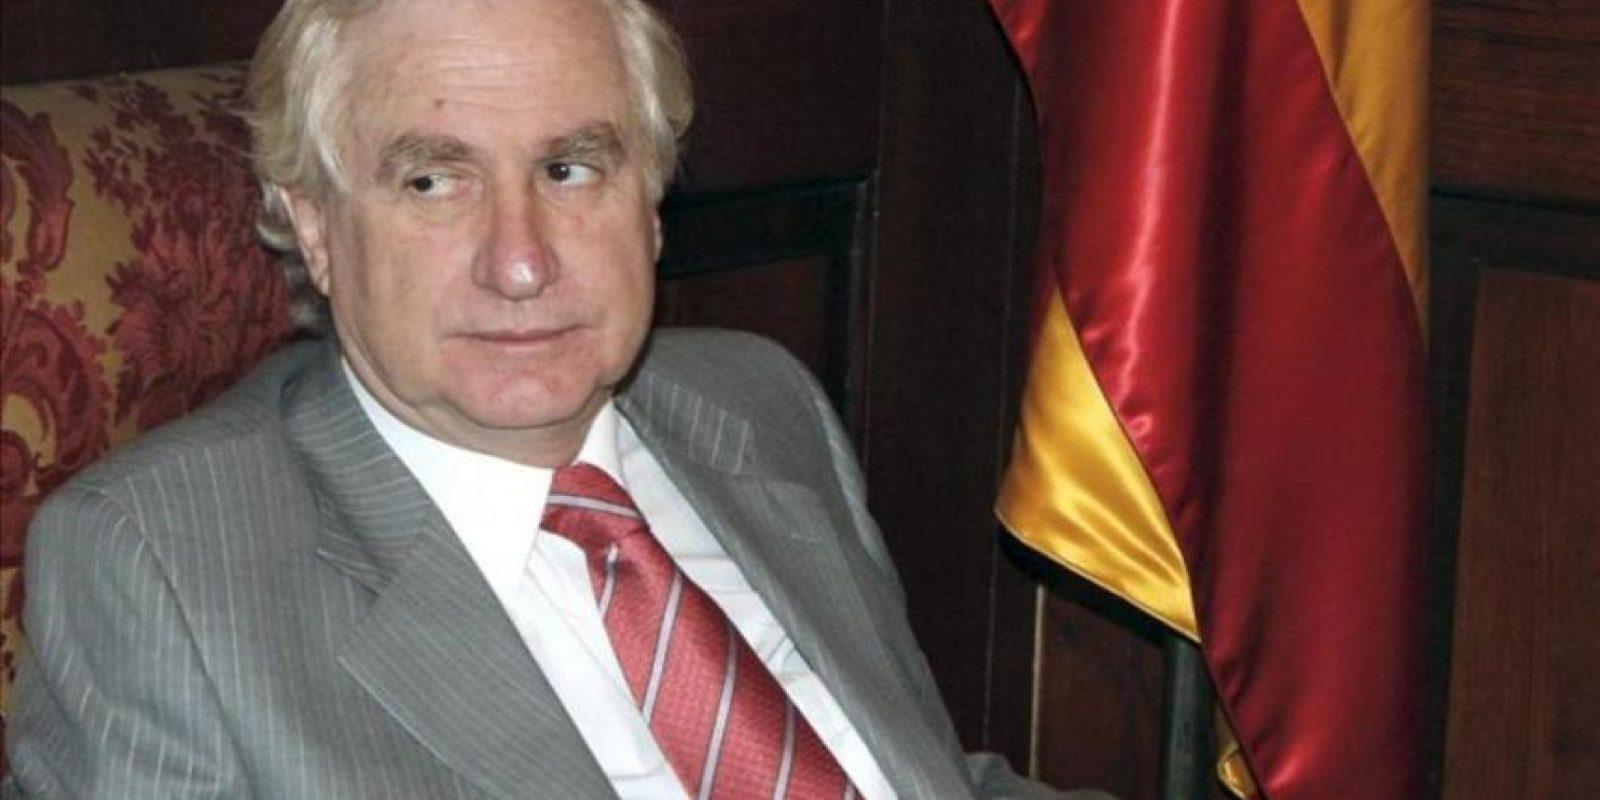 Fotografía tomada en junio de 2008 en la que se registró al diplomático chileno Adolfo Zaldívar Larraín, quien ejercía como embajador de su país en Argentina y murió esta madrugada en Santiago de Chile víctima de un cáncer de páncreas. EFE/Archivo